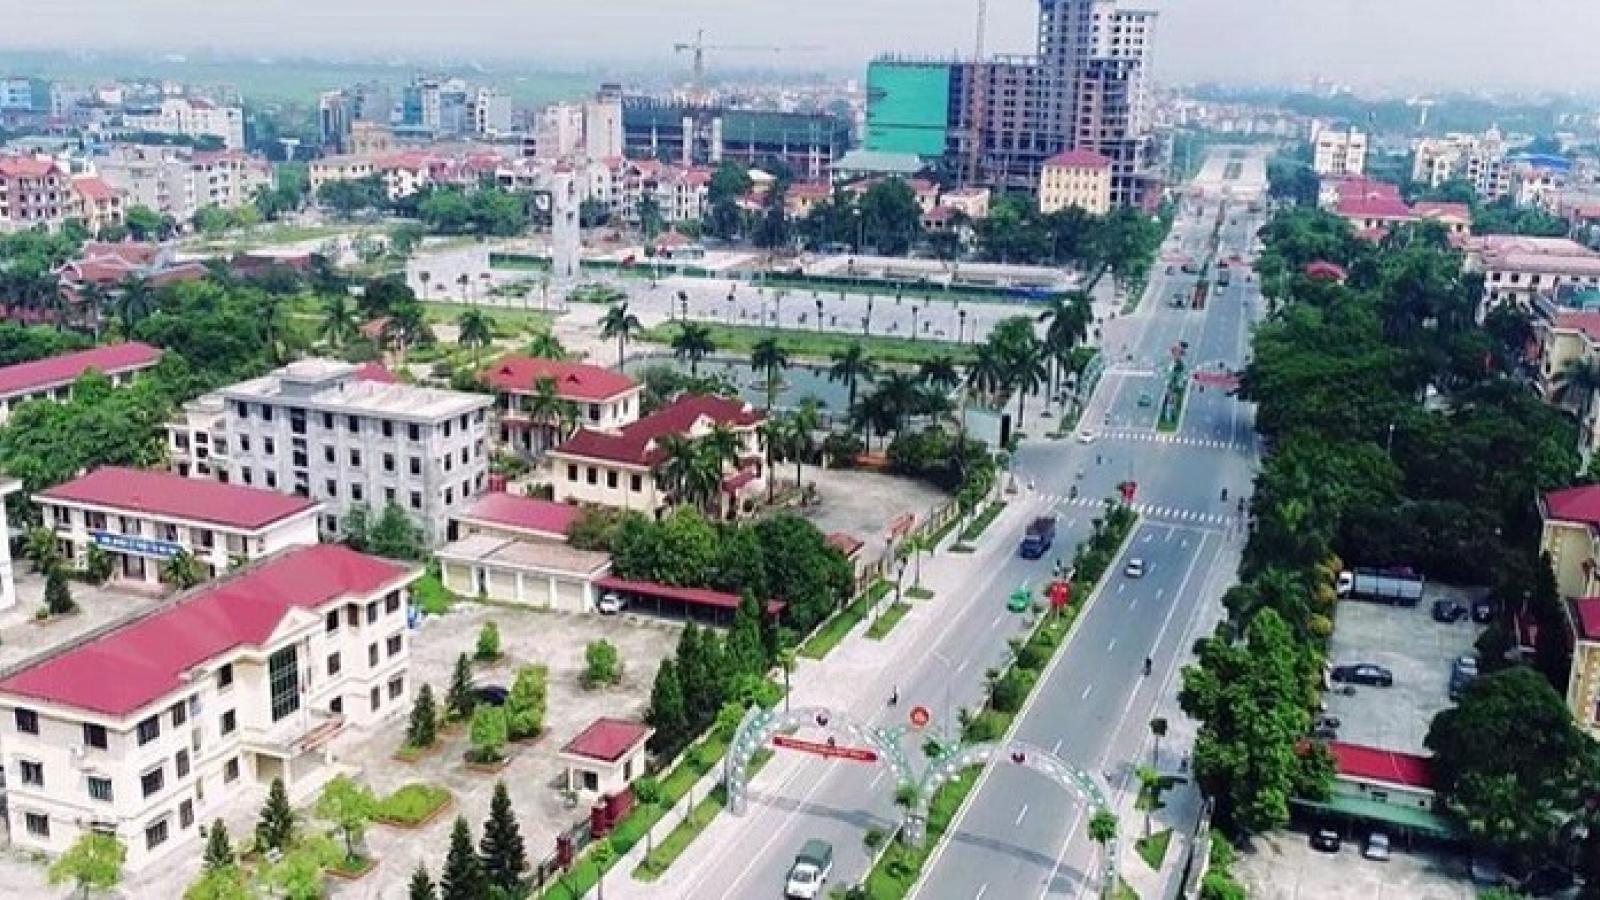 Chính thức thành lập thành phố Từ Sơn thuộc tỉnh Bắc Ninh